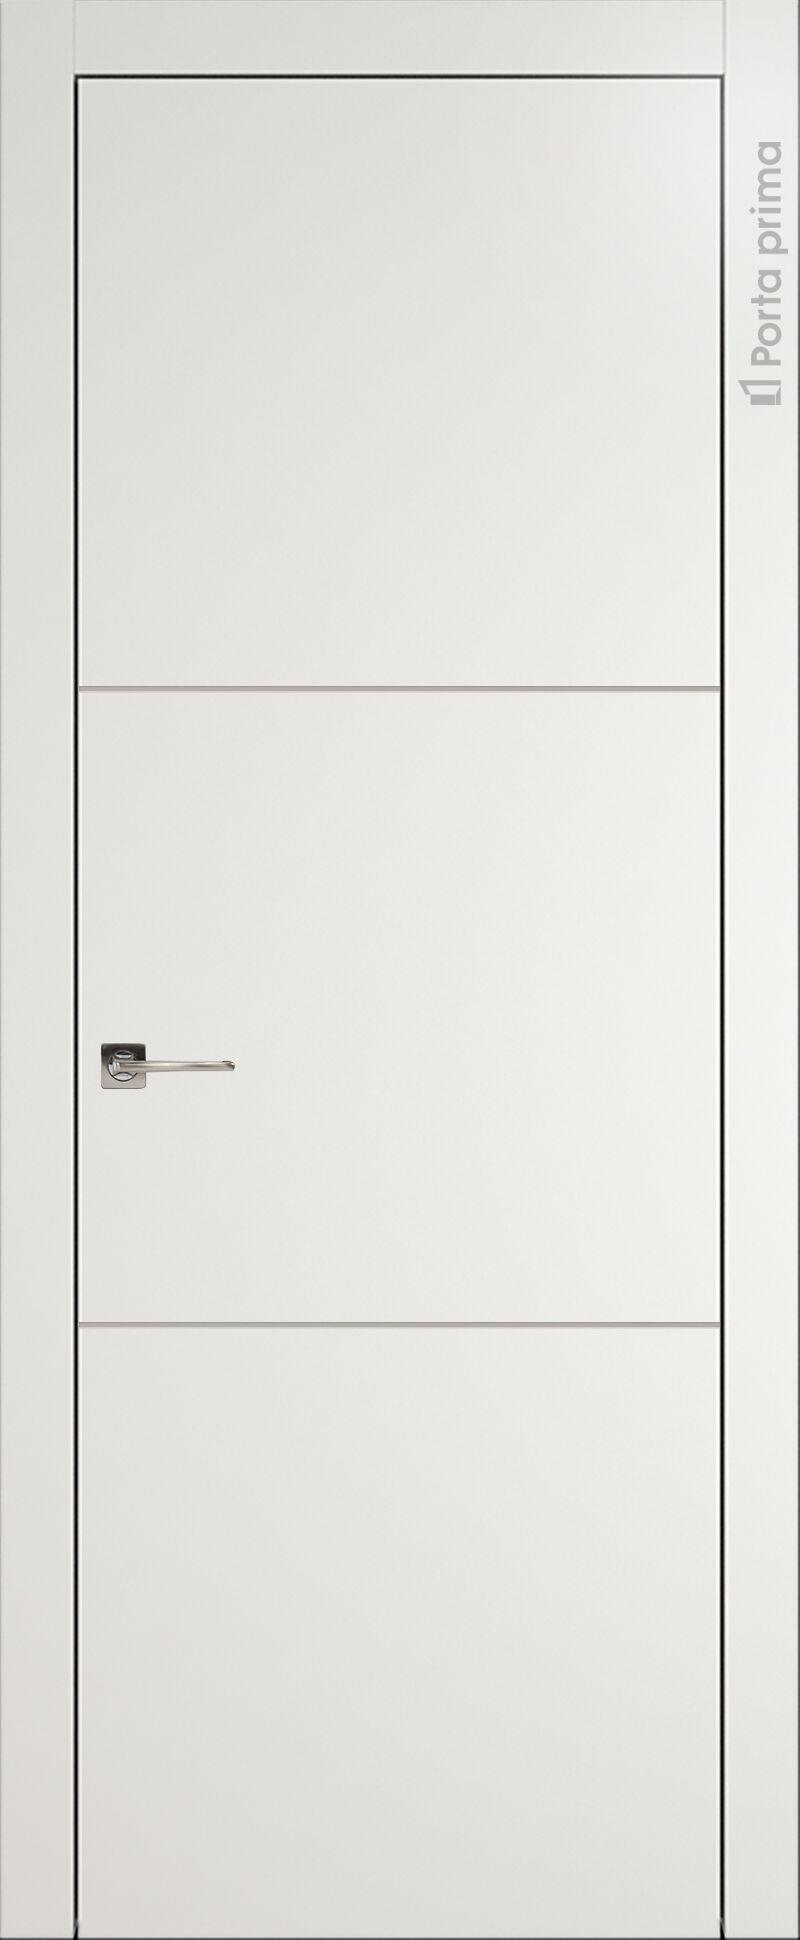 Tivoli В-2 цвет - Бежевая эмаль (RAL 9010) Без стекла (ДГ)